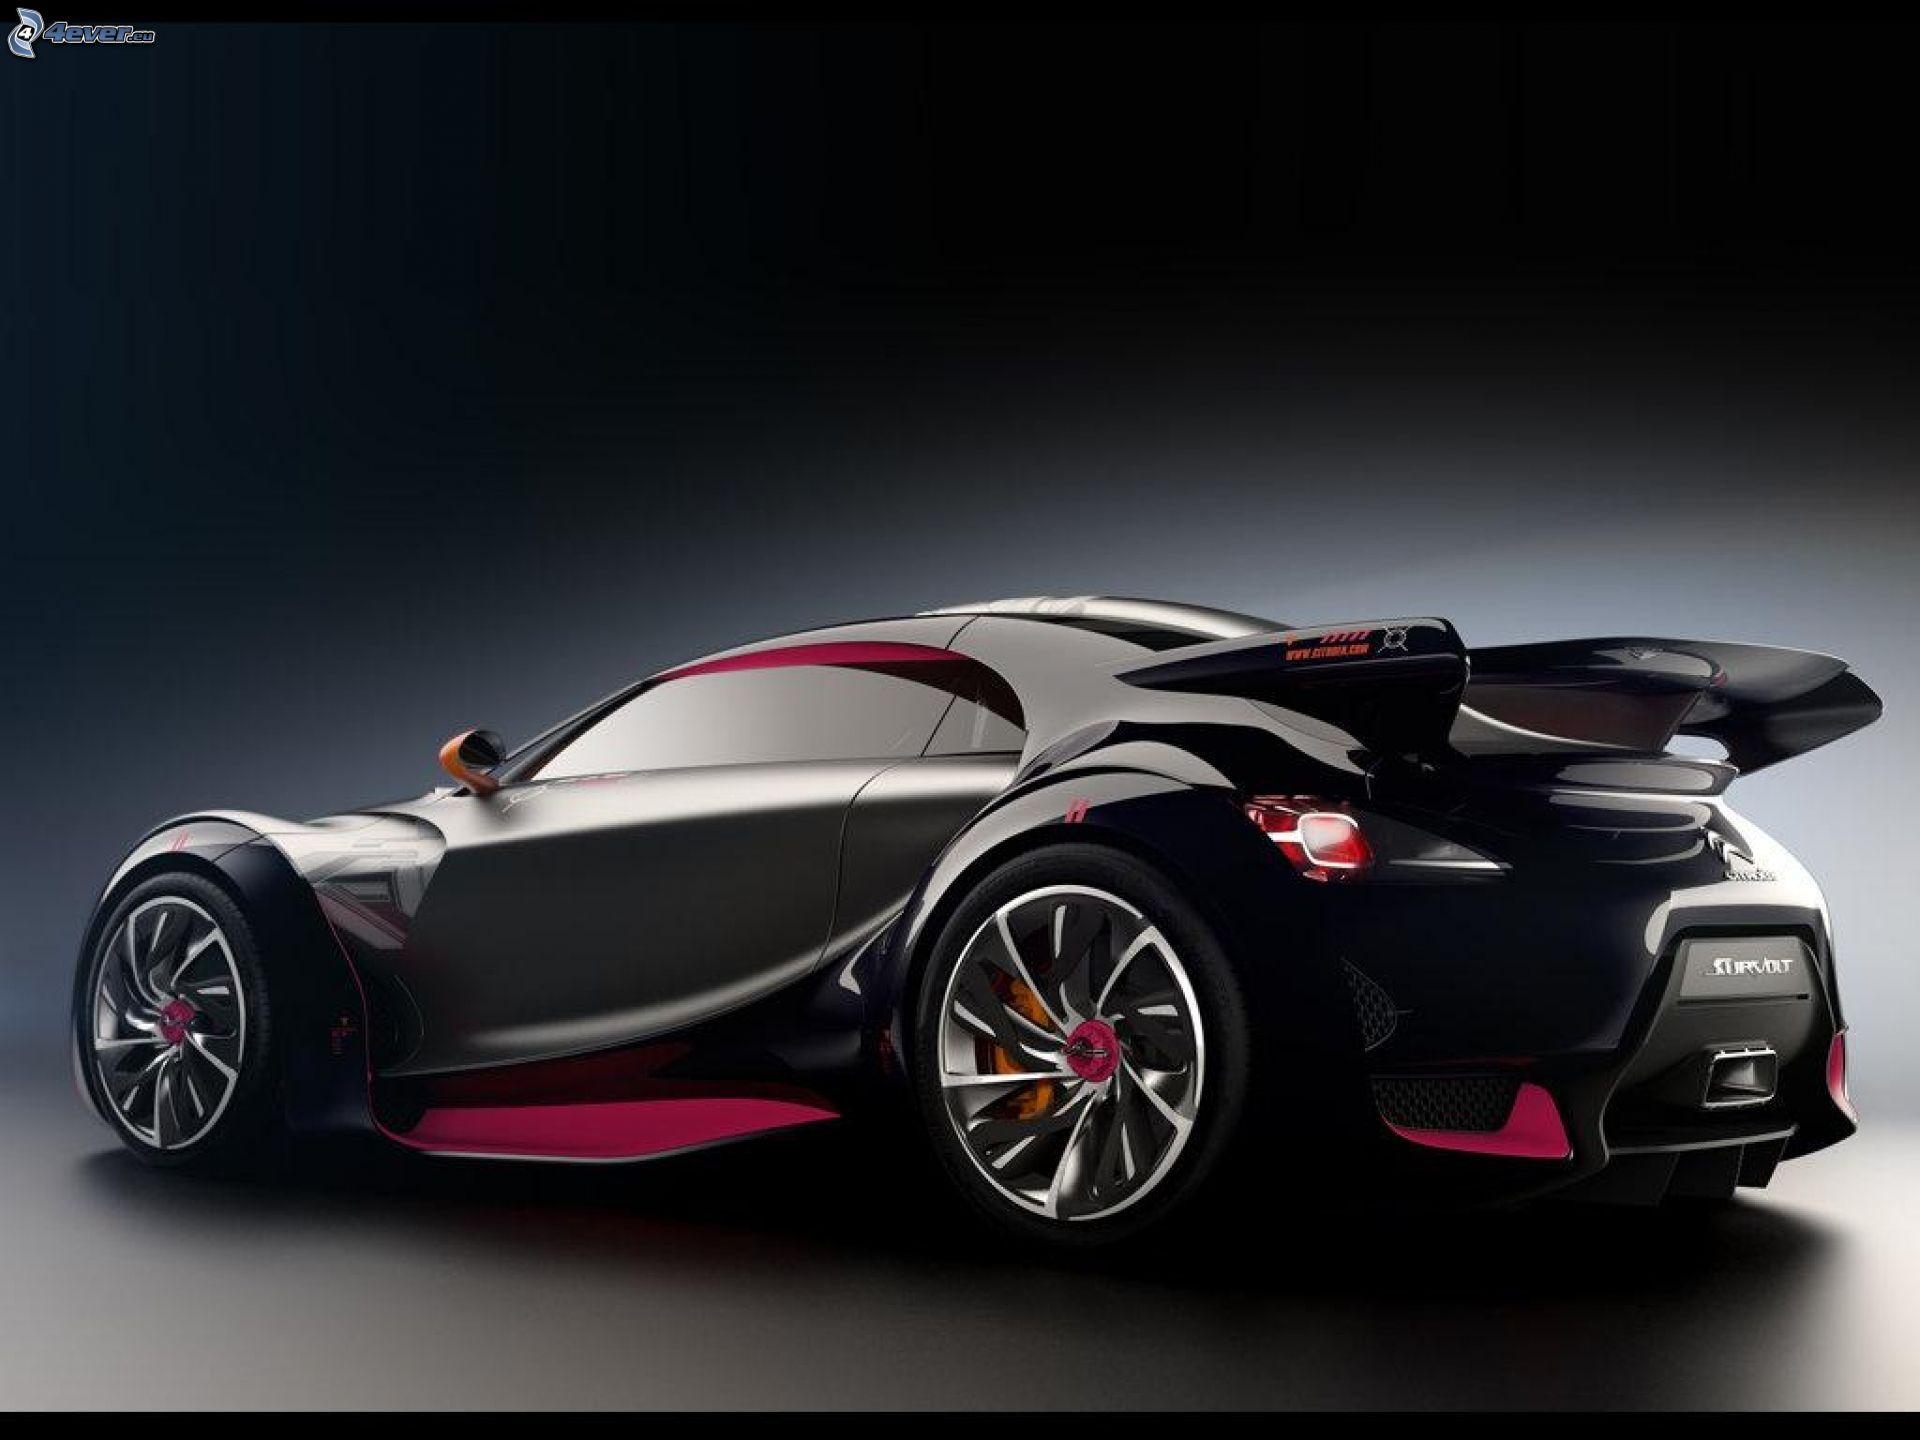 Citroen Survolt Concept   Best Looking Concepts Car At The 2010 Geneva  Motor Show   EXtravaganzi